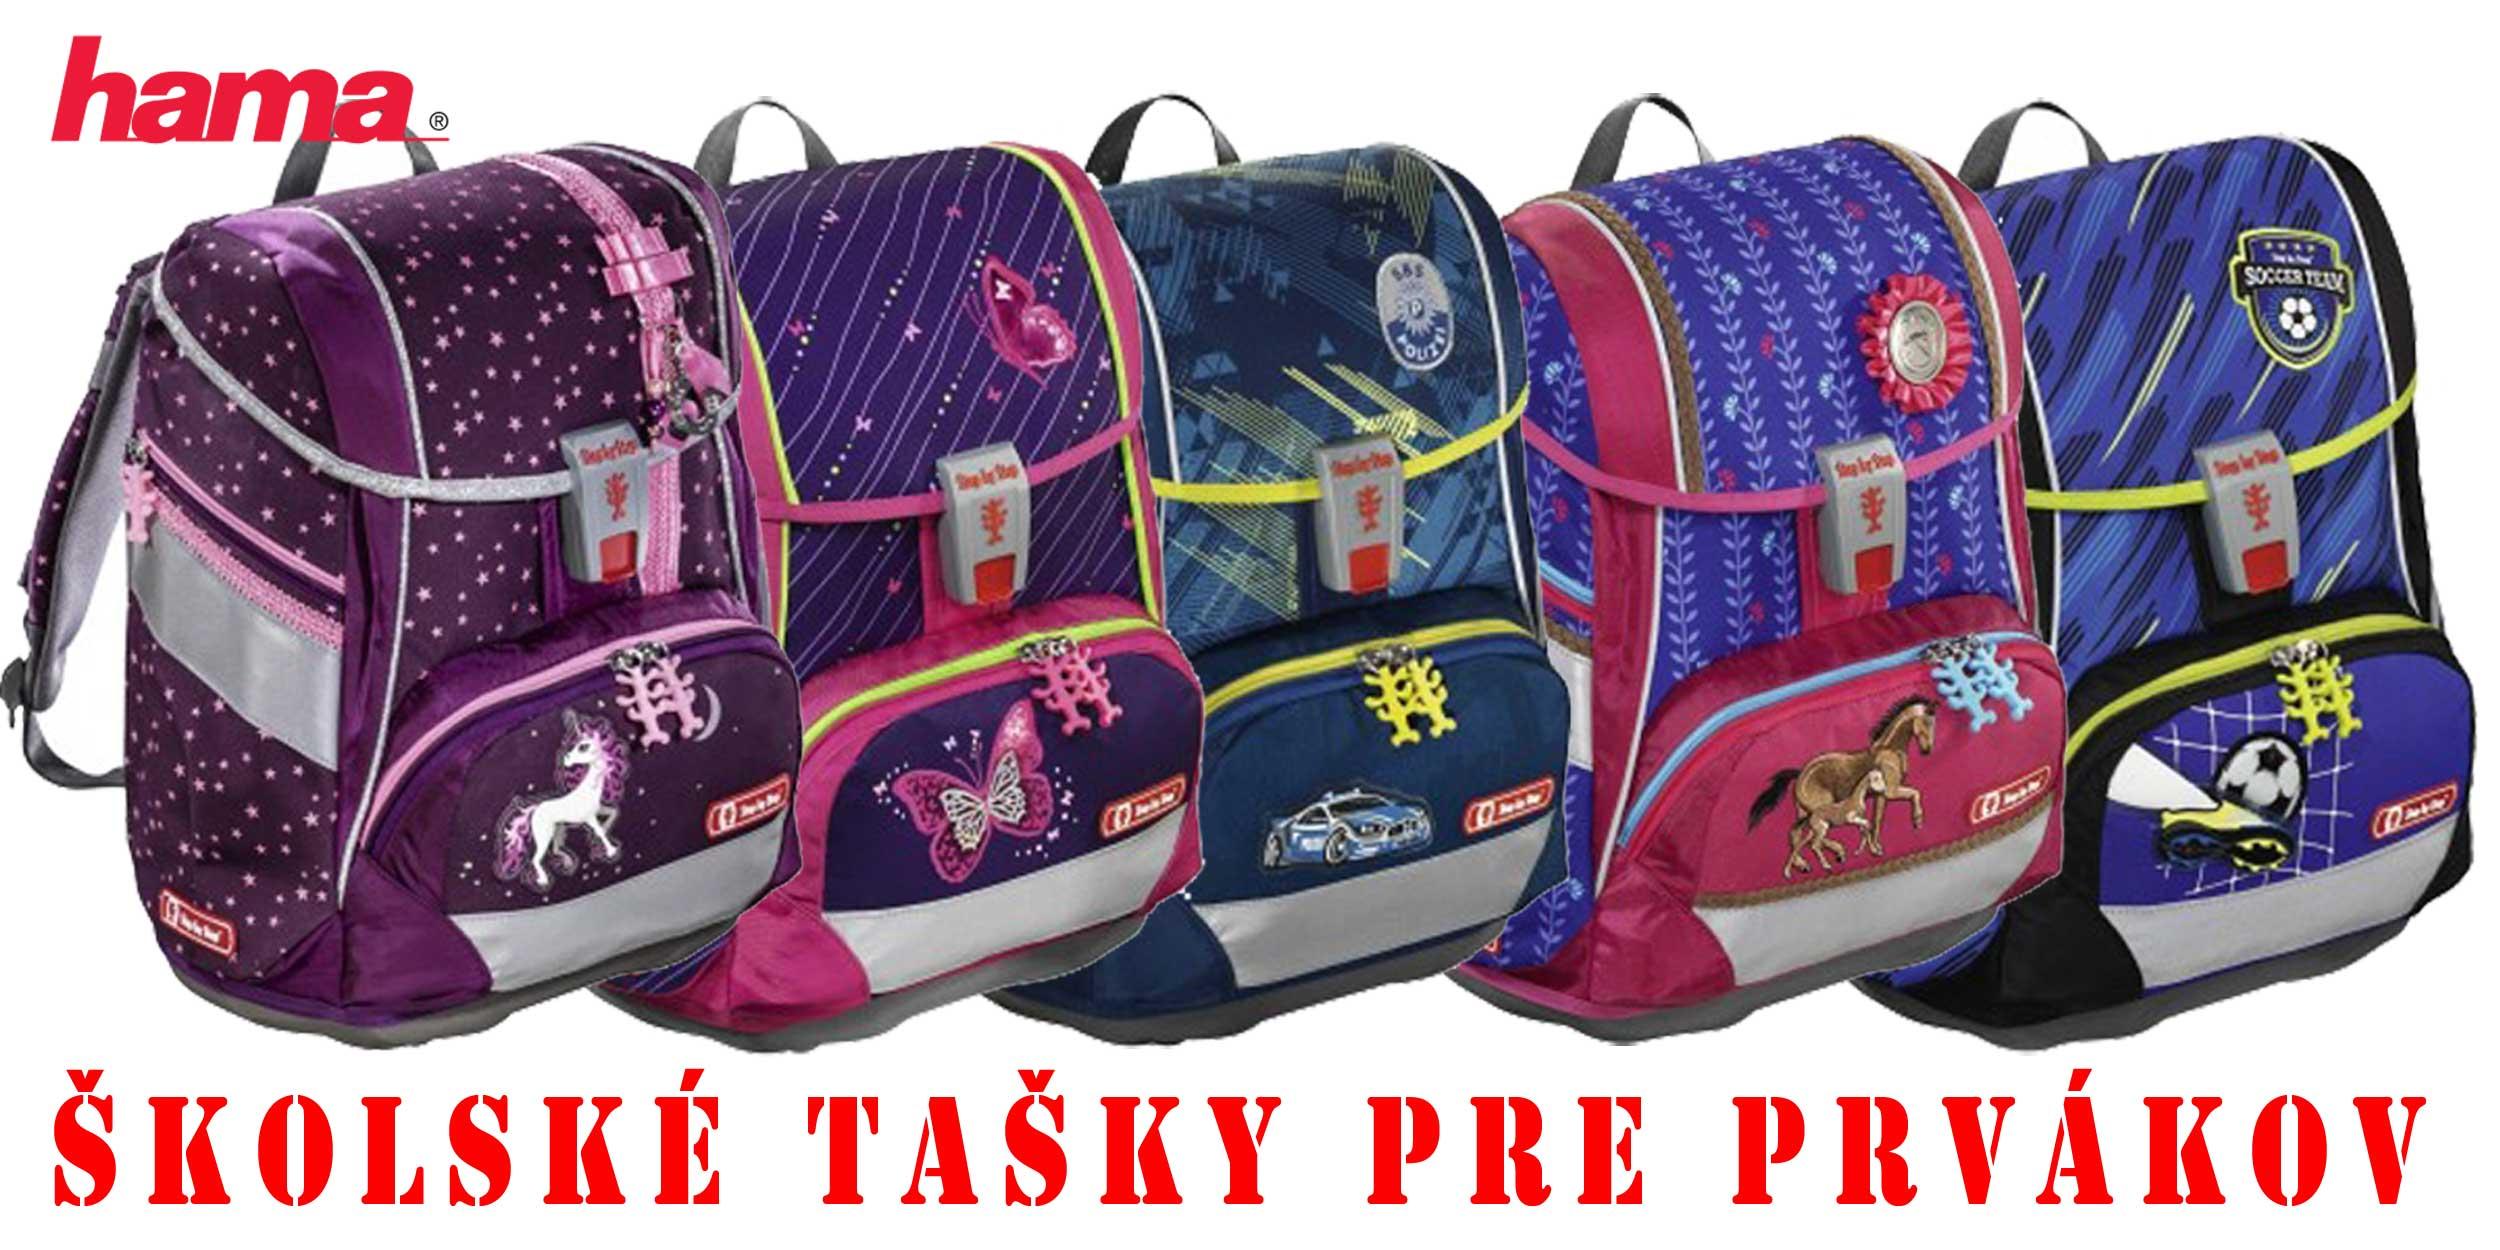 19122ed956 Školské tašky pre prvákov sety